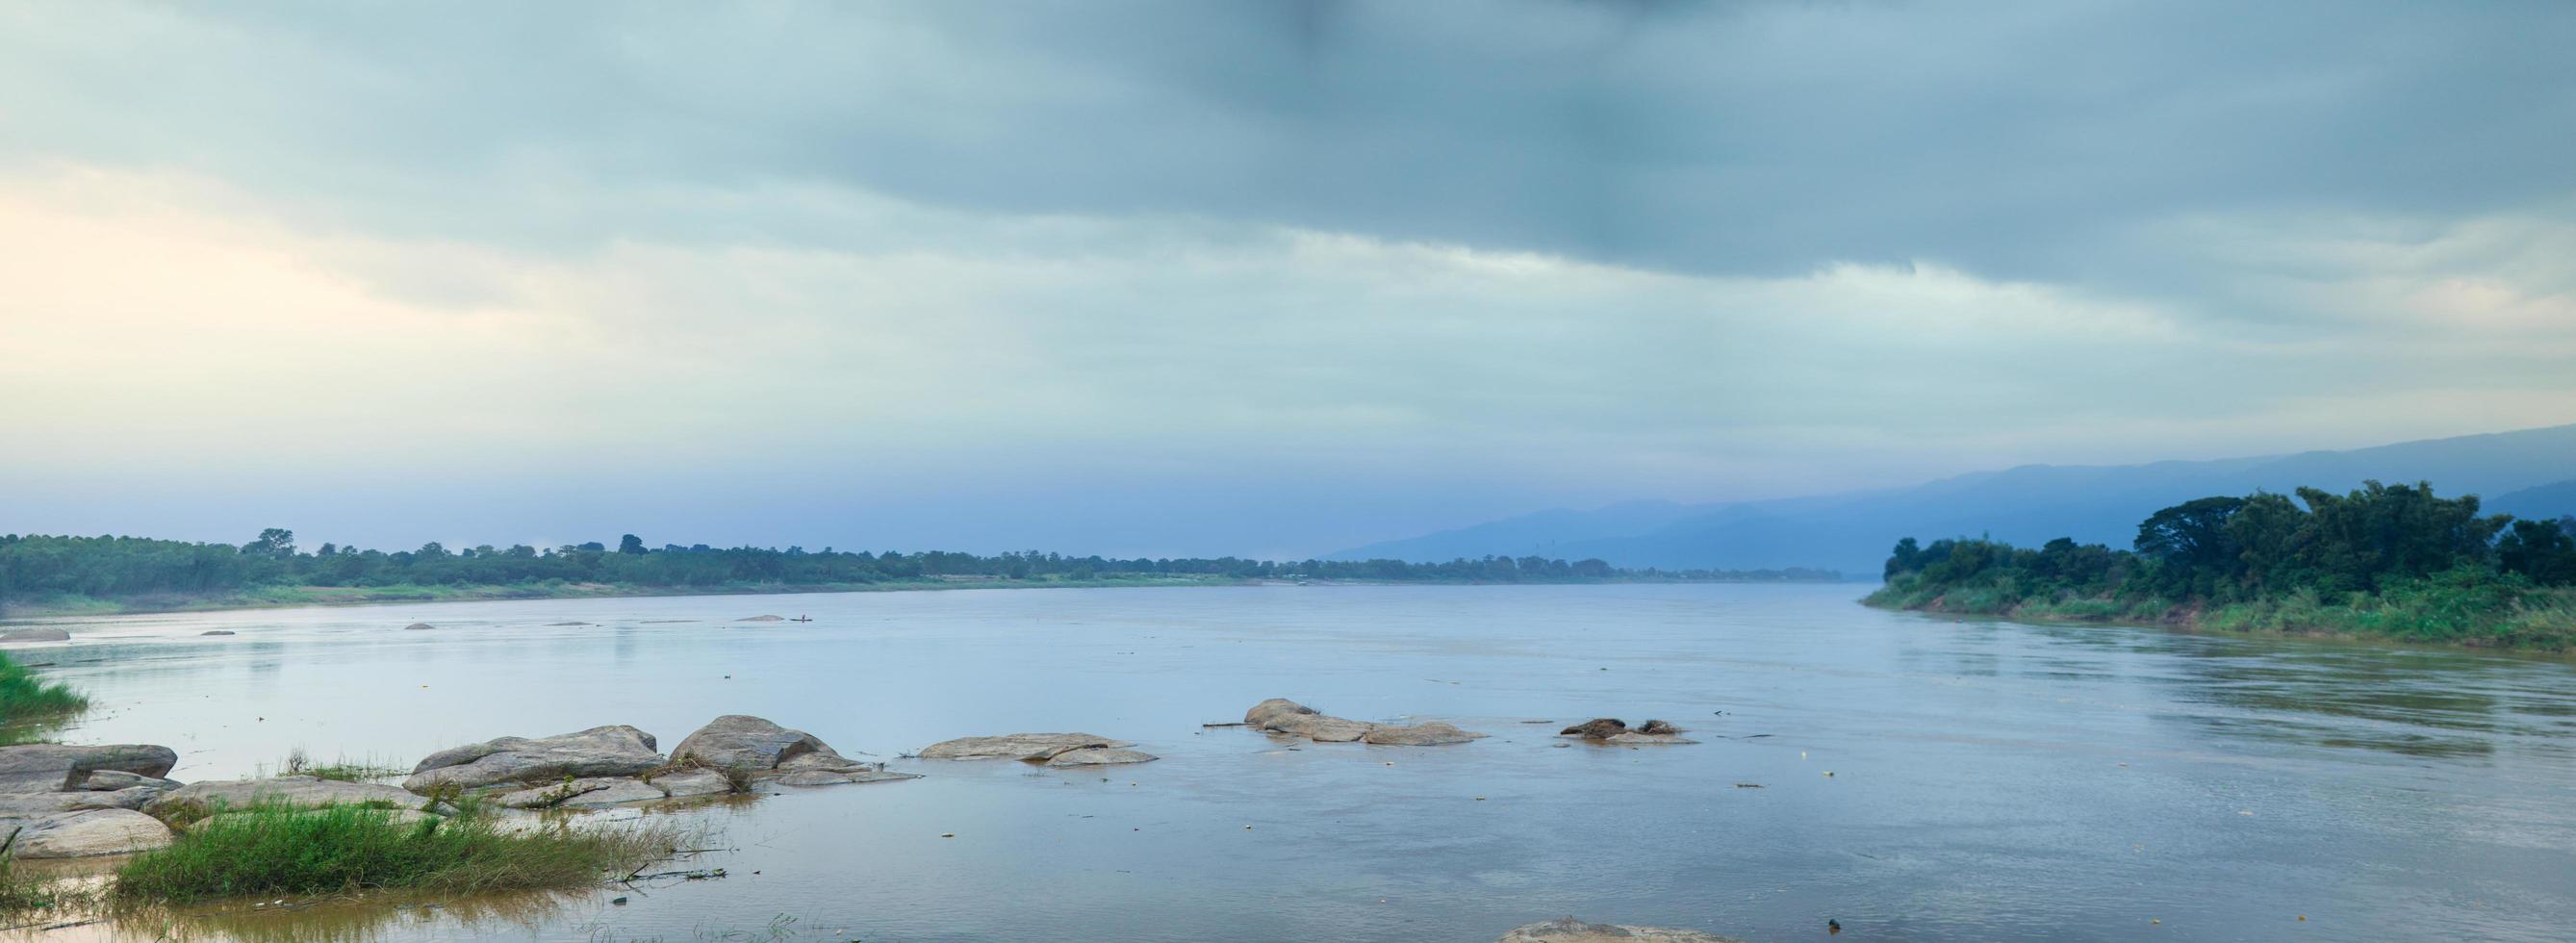 rivière en thaïlande photo